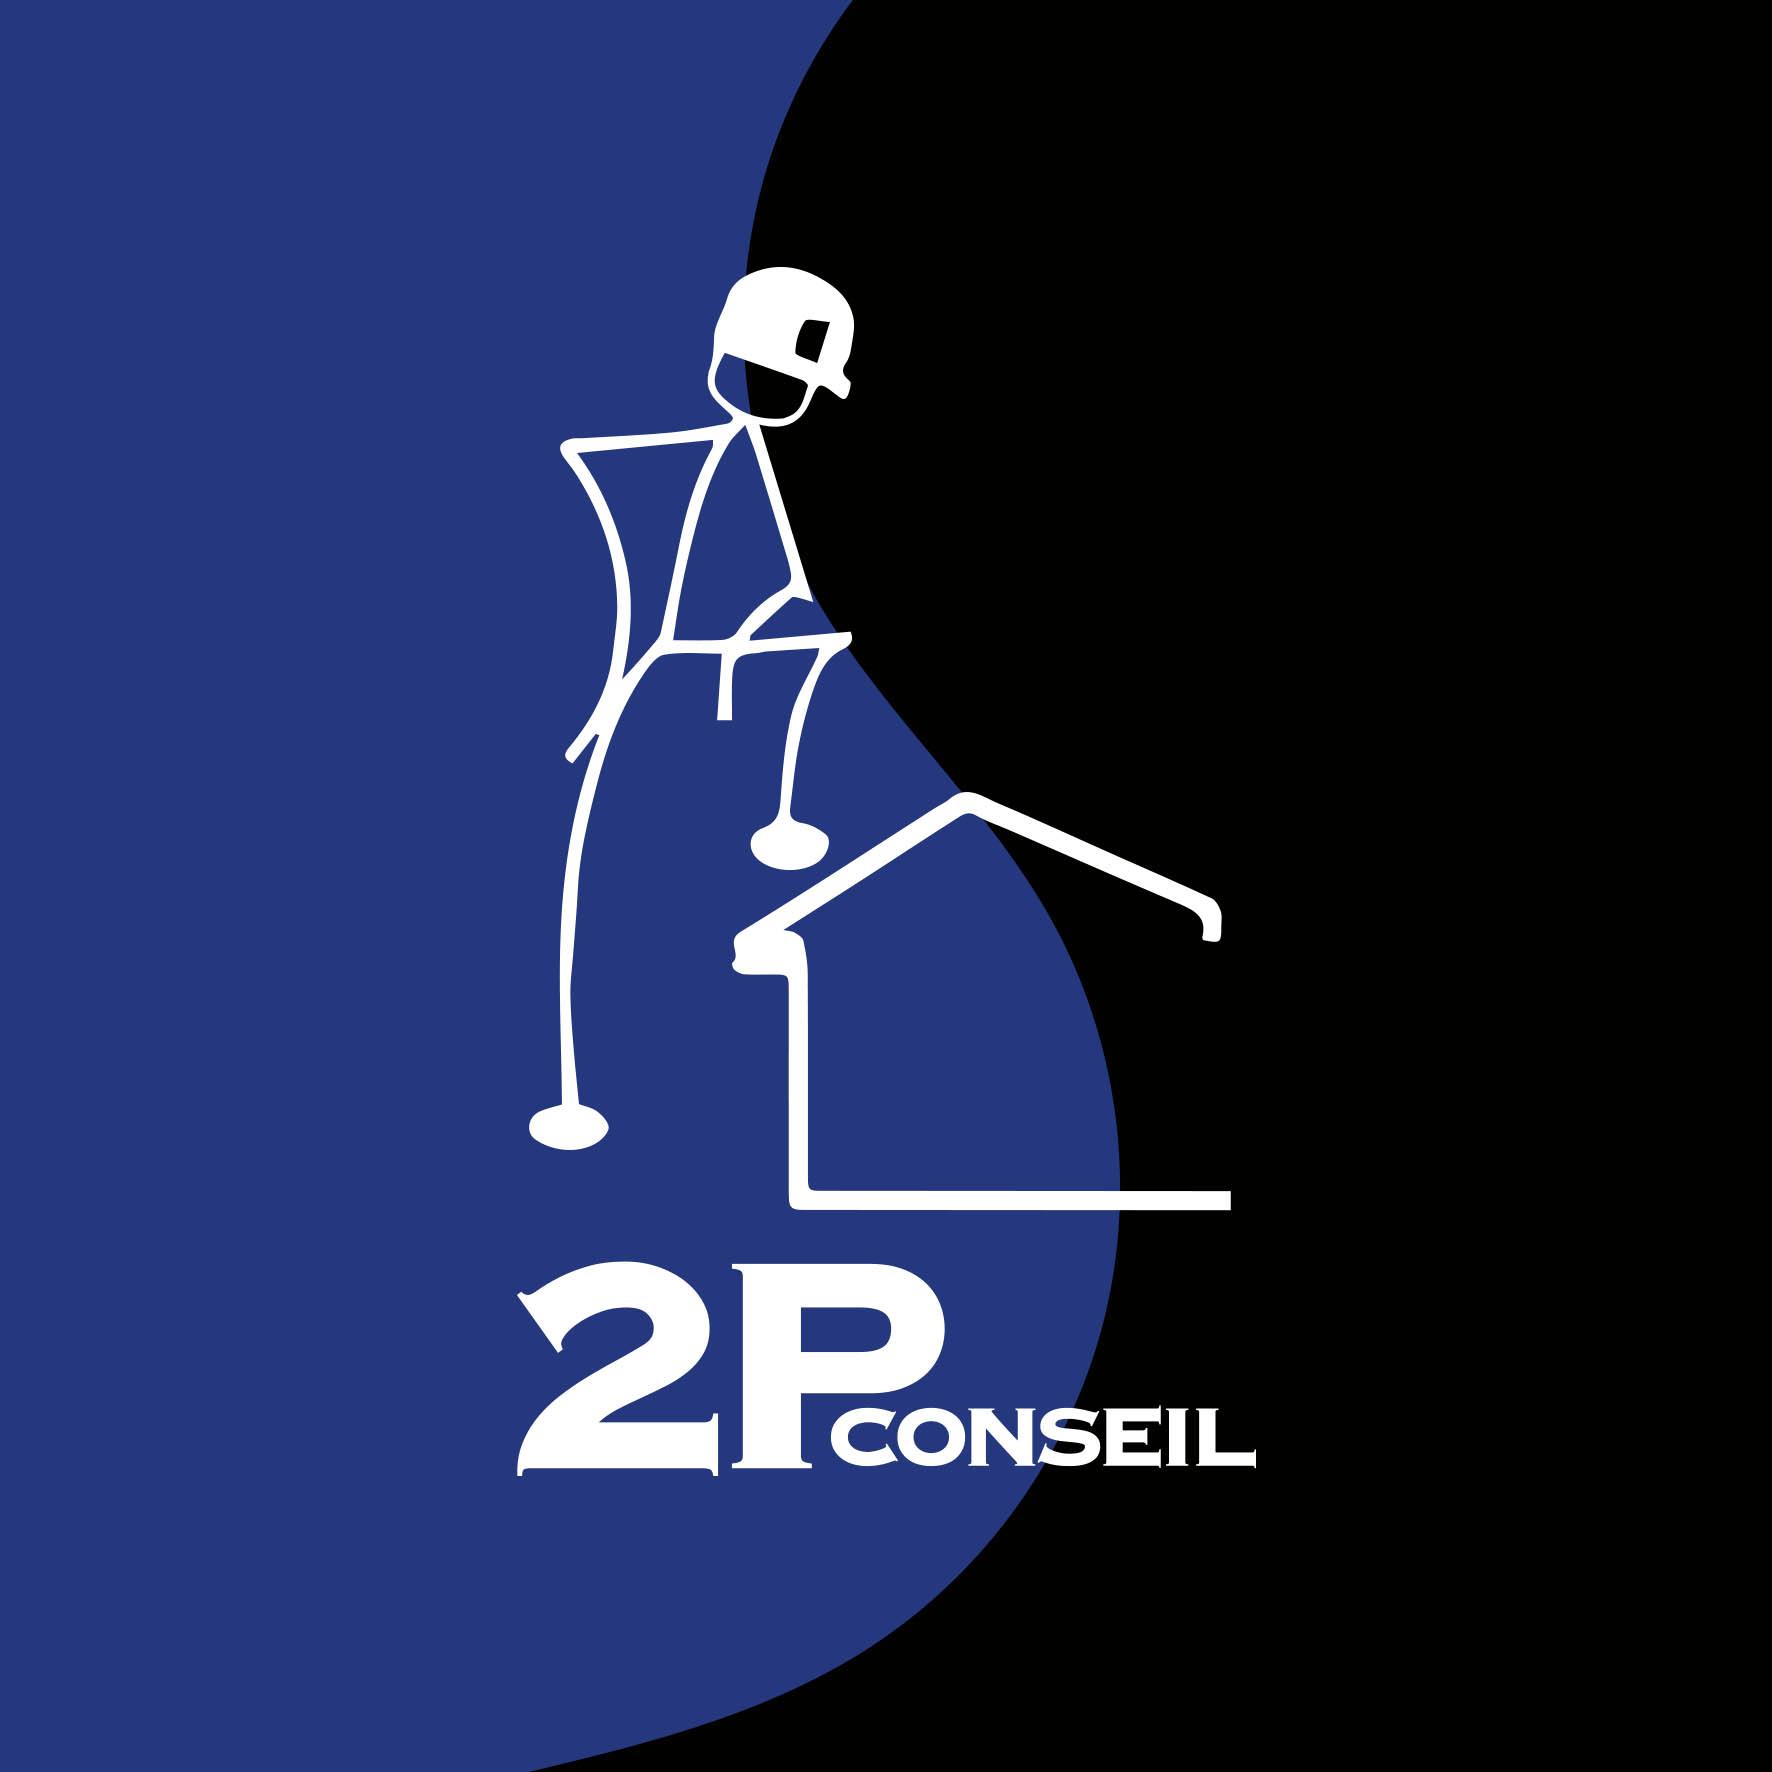 2Pconseil logo